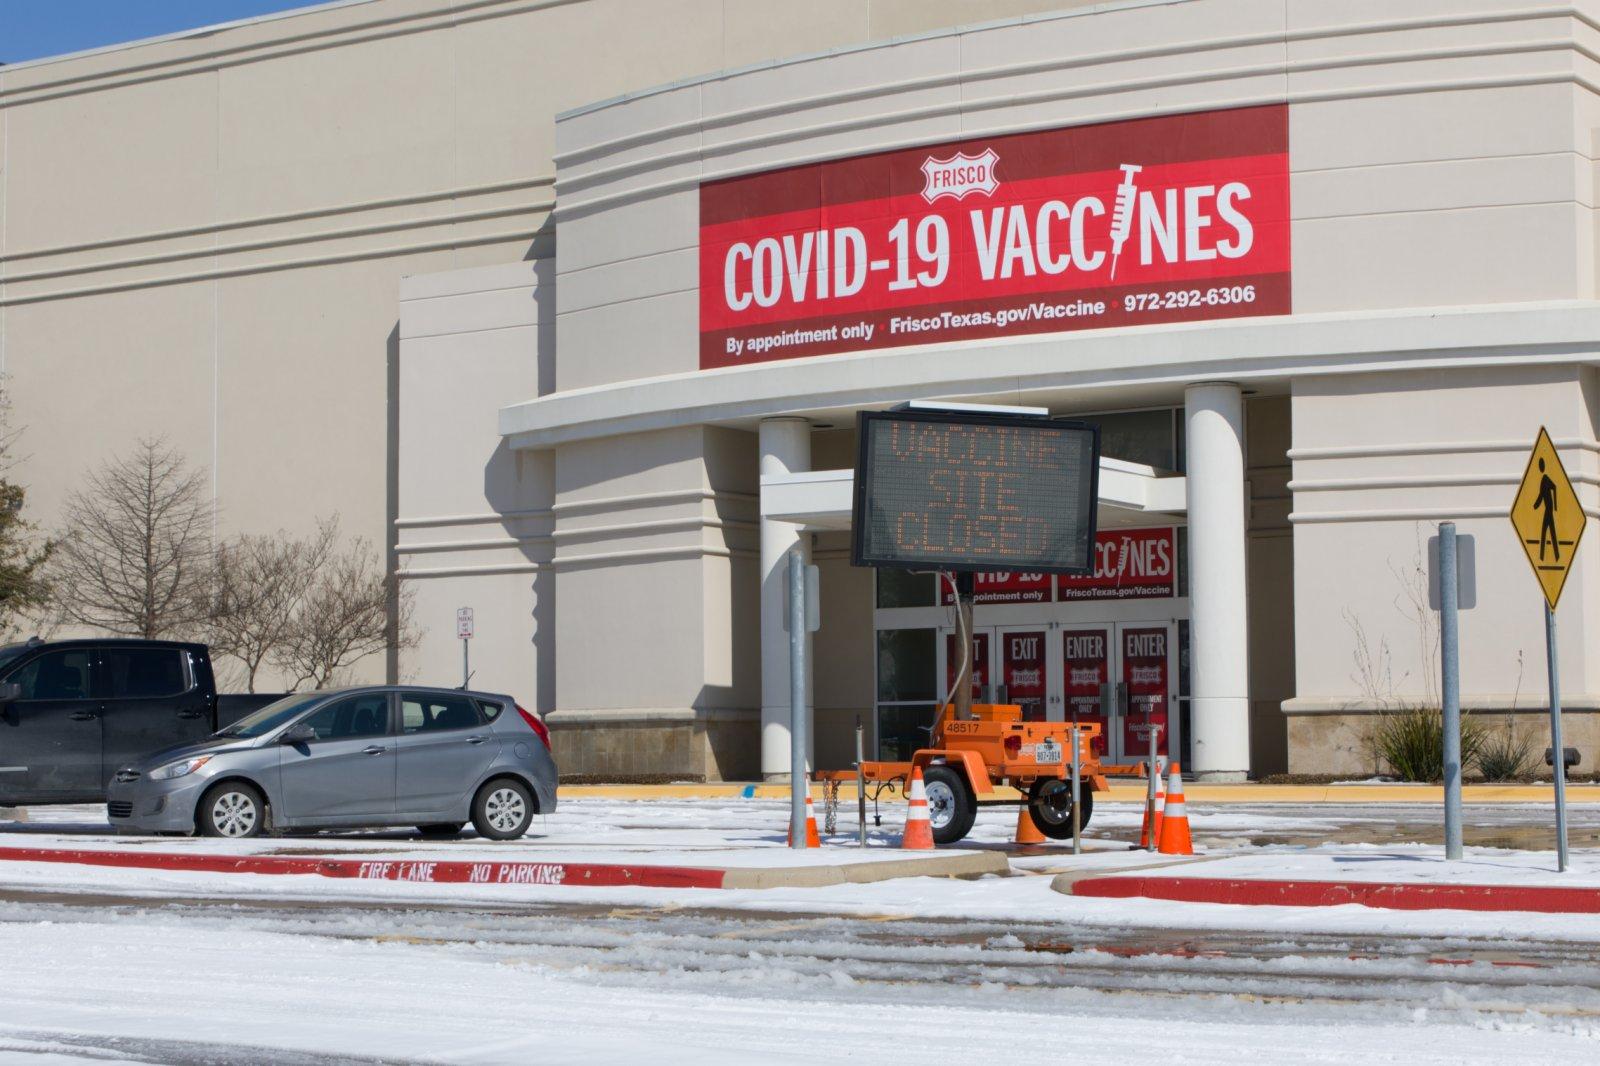 這是2月19日在美國得克薩斯州達拉斯市北郊拍攝的一家關閉的疫苗接種中心。受到冬季風暴和停電影響,美國得州部分地區的新冠疫苗運輸受到影響,一些疫苗接種中心被迫關閉。(新華社)